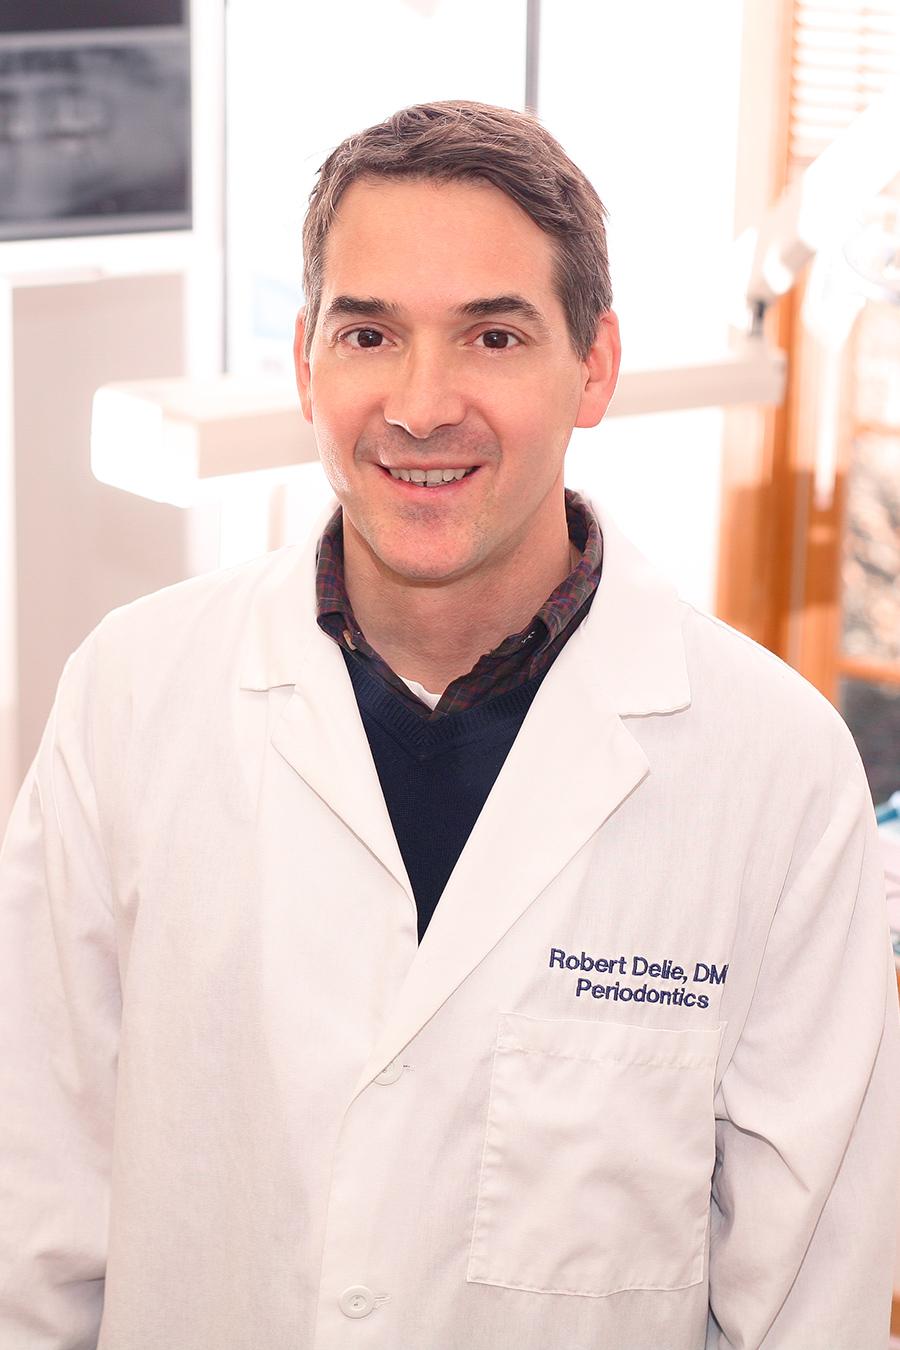 Dr. Robert Delie